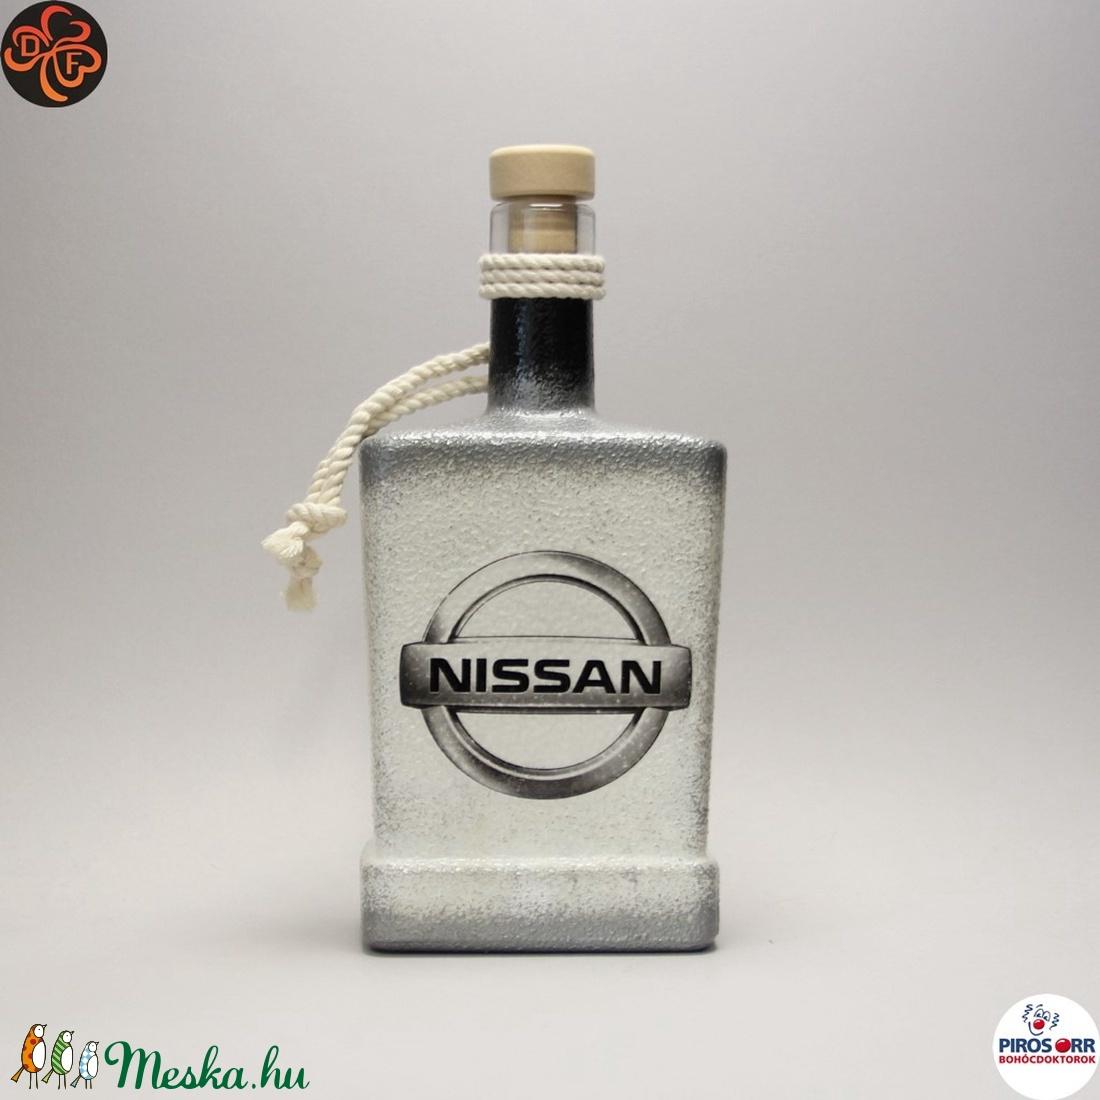 NISSAN italos üveg; autó rajongóknak, férfiaknak, barátnak születésnapra, névnapra, karácsonyra - Meska.hu